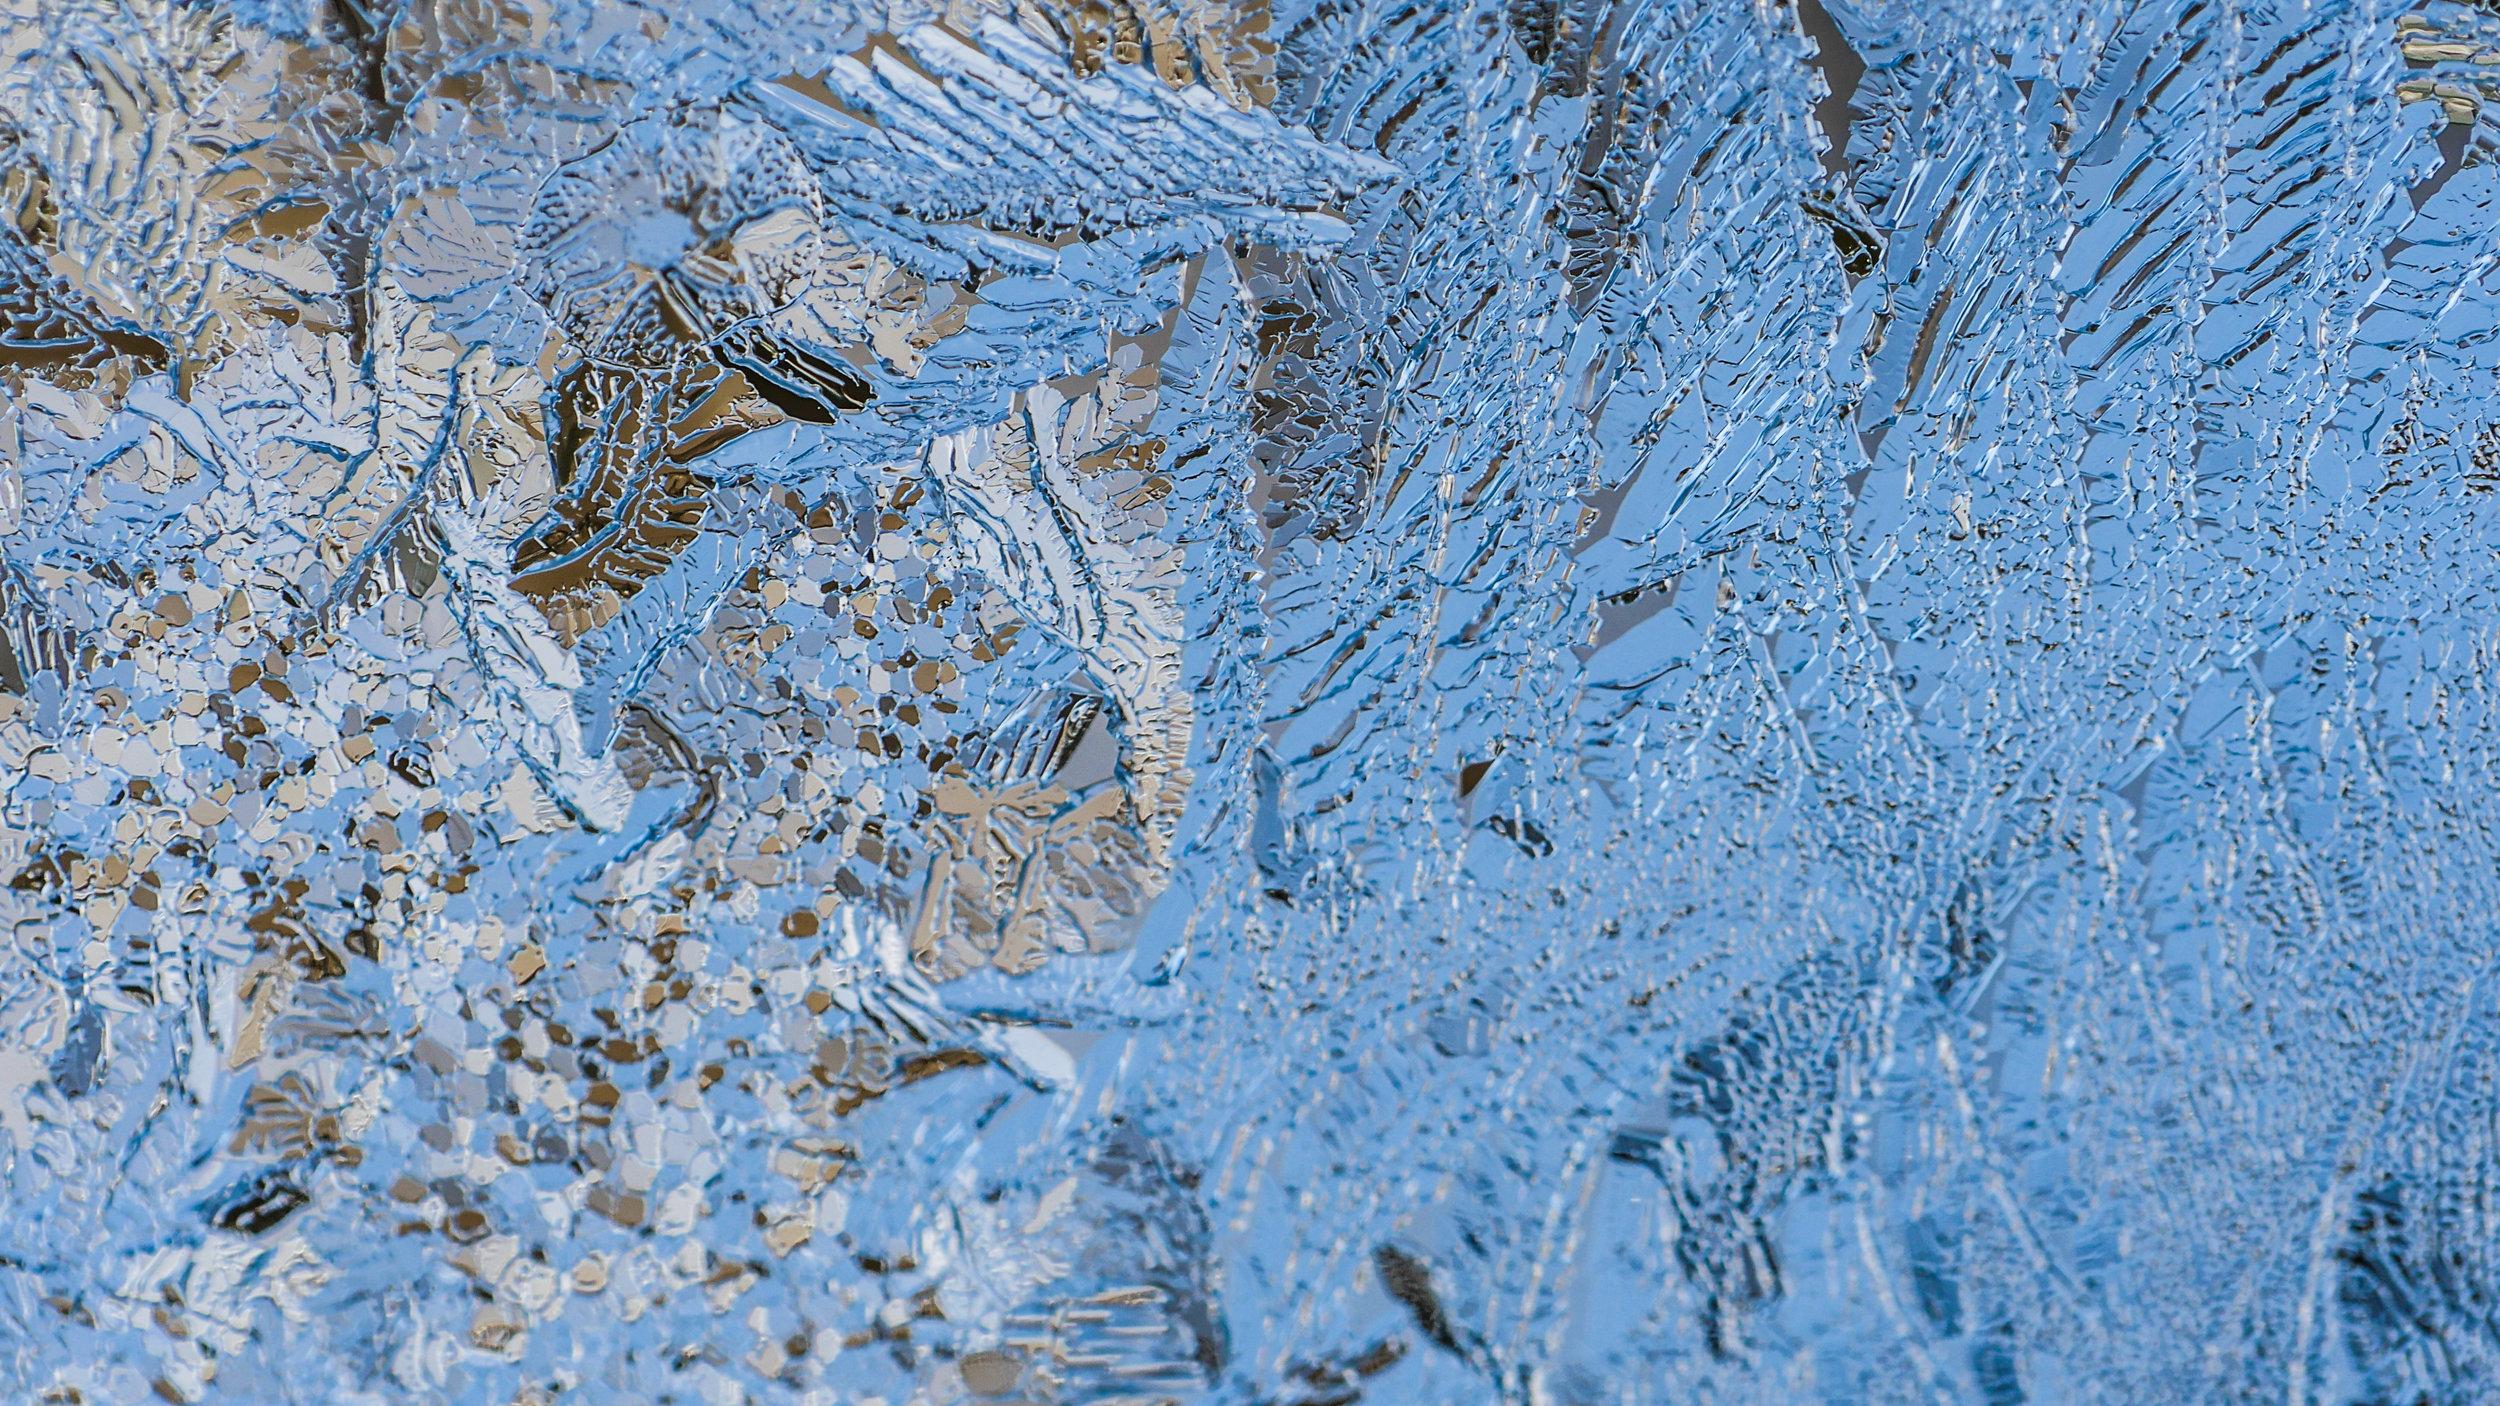 FrostedWindowPanes-12.jpg